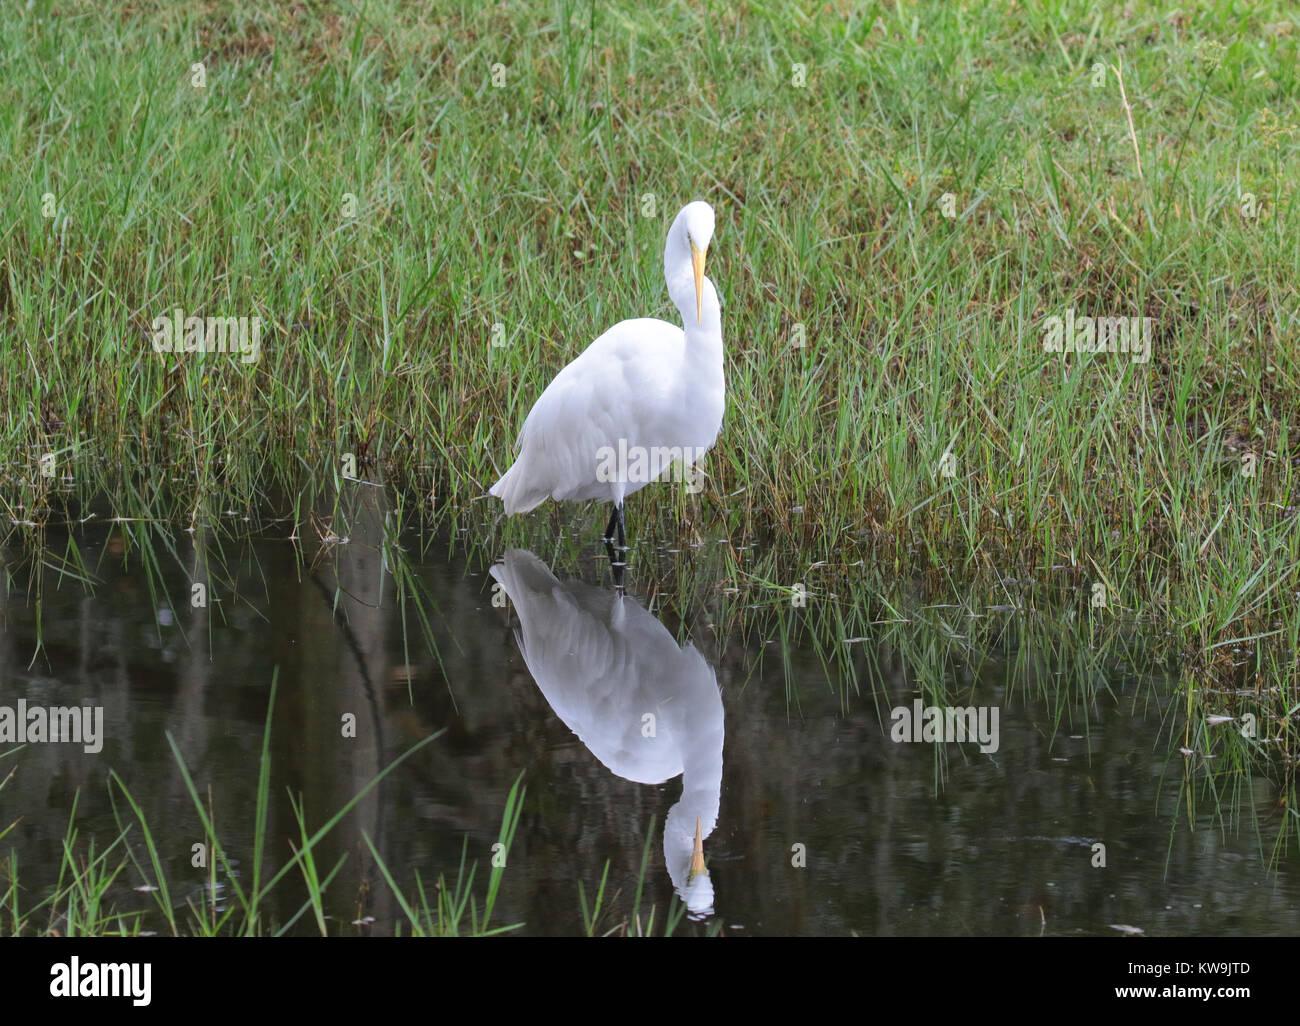 Airone bianco maggiore con immagine speculare in acqua la riflessione Immagini Stock